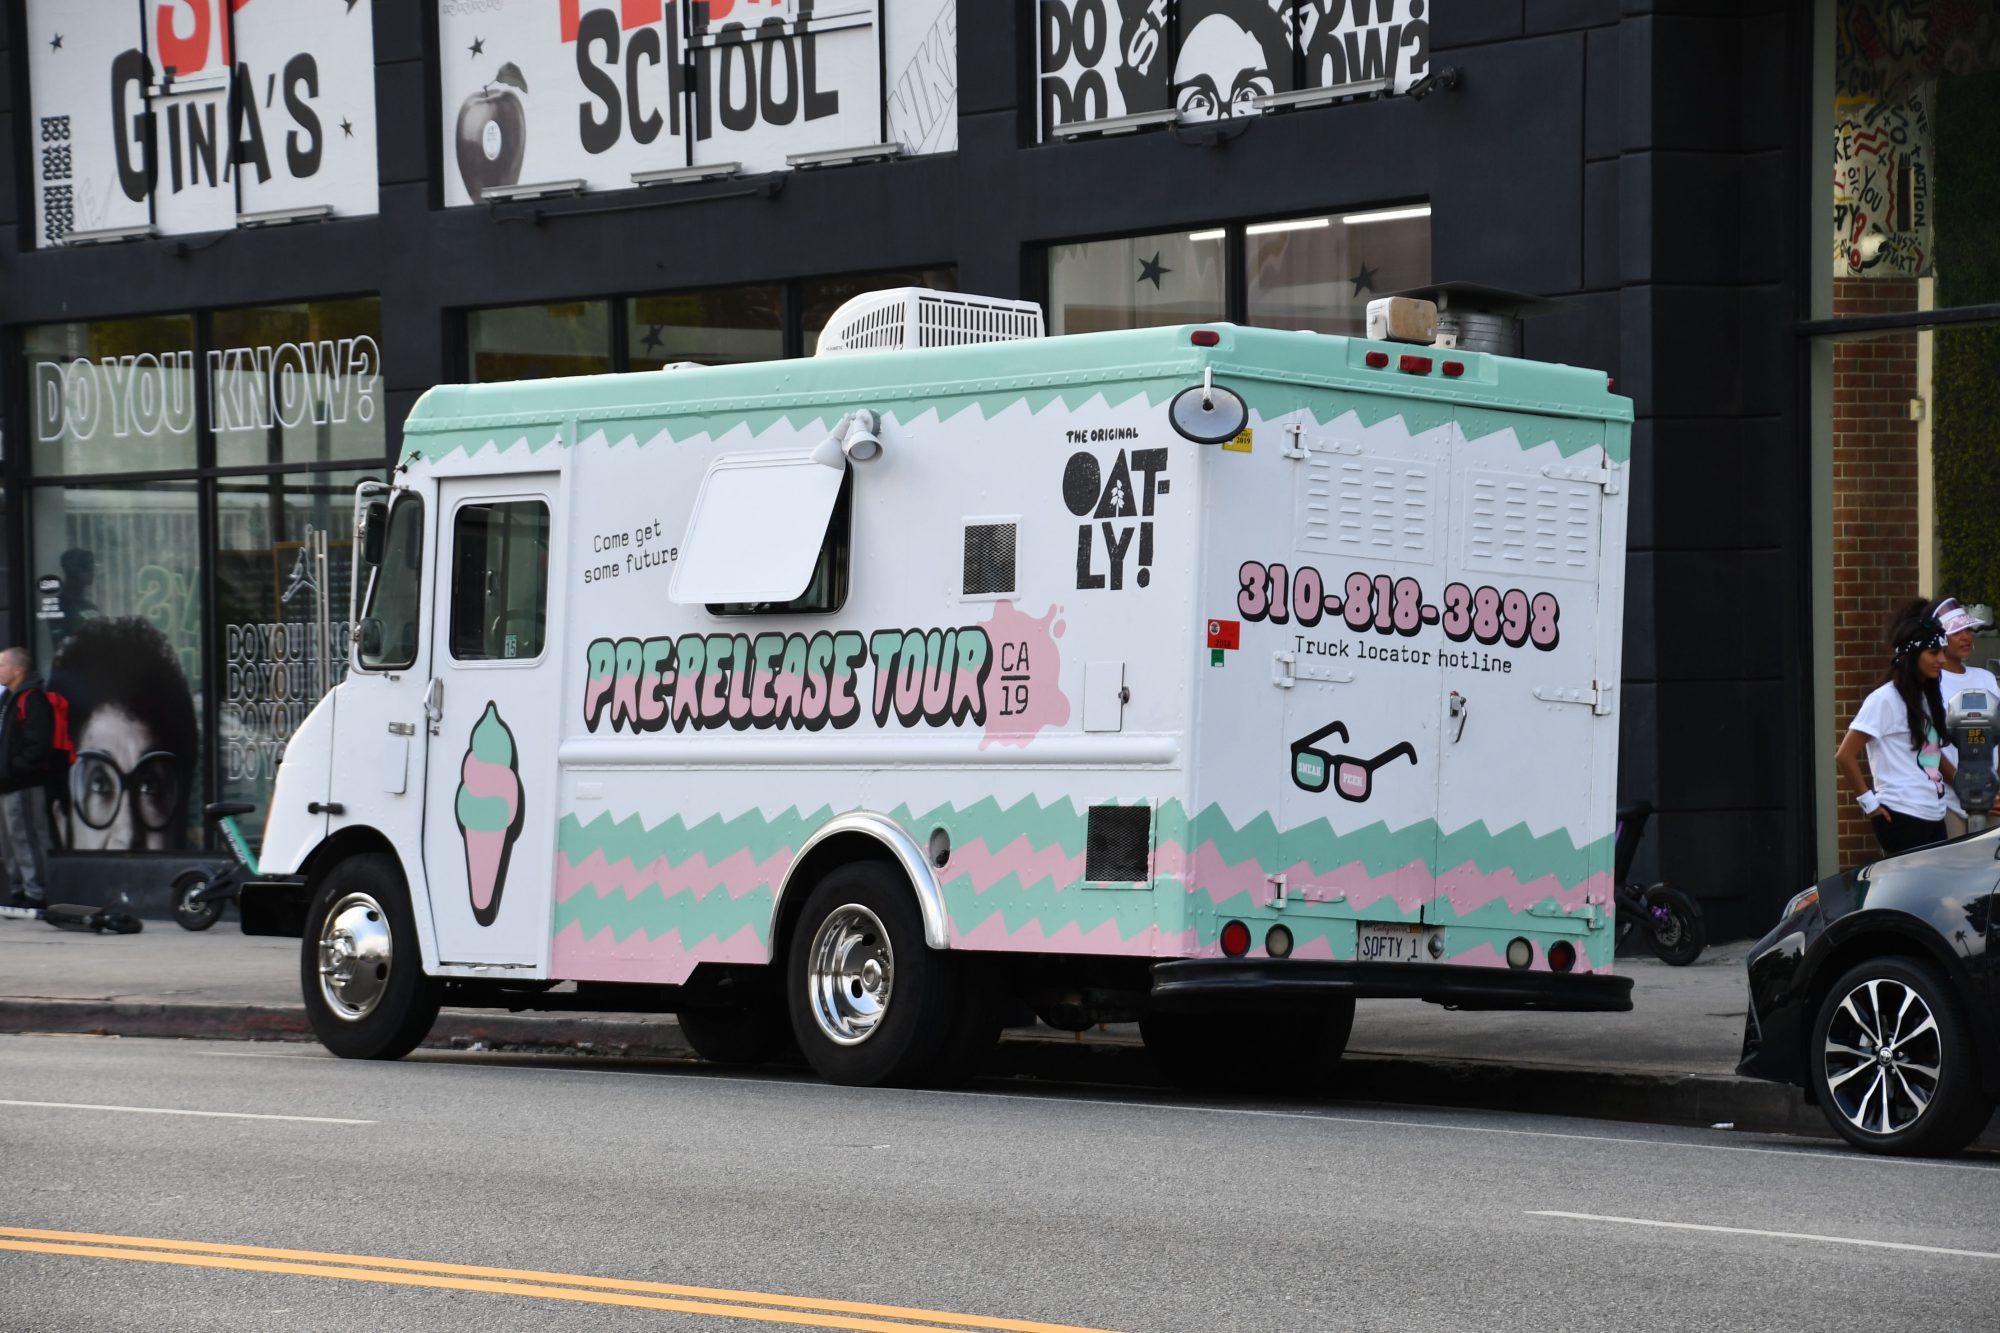 Oatly Frozen Pre-Release Tour_Back of Truck in LA.jpg